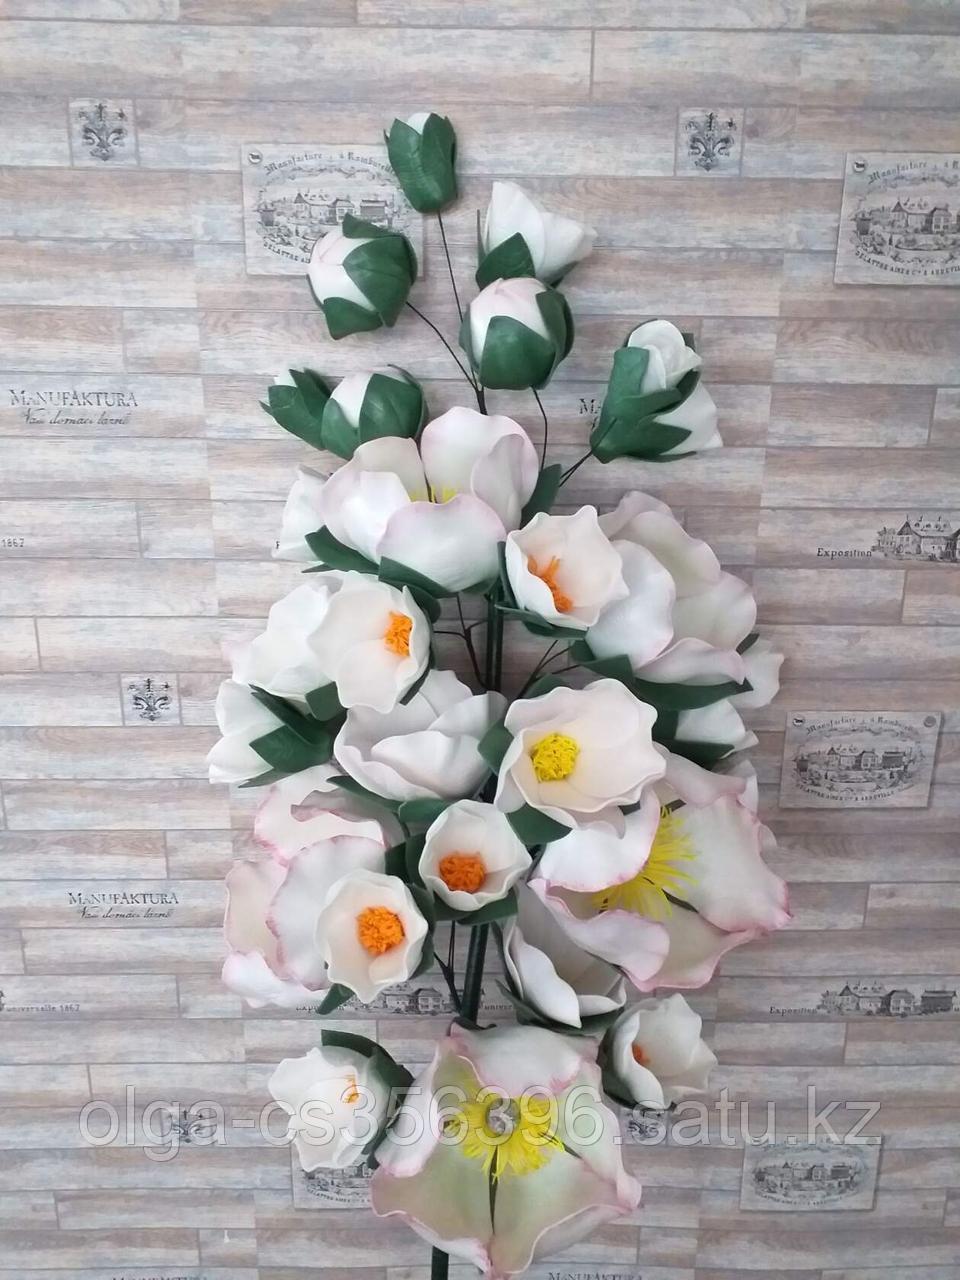 Декоративная ветка яблони. Высота 1 м. Creativ   074